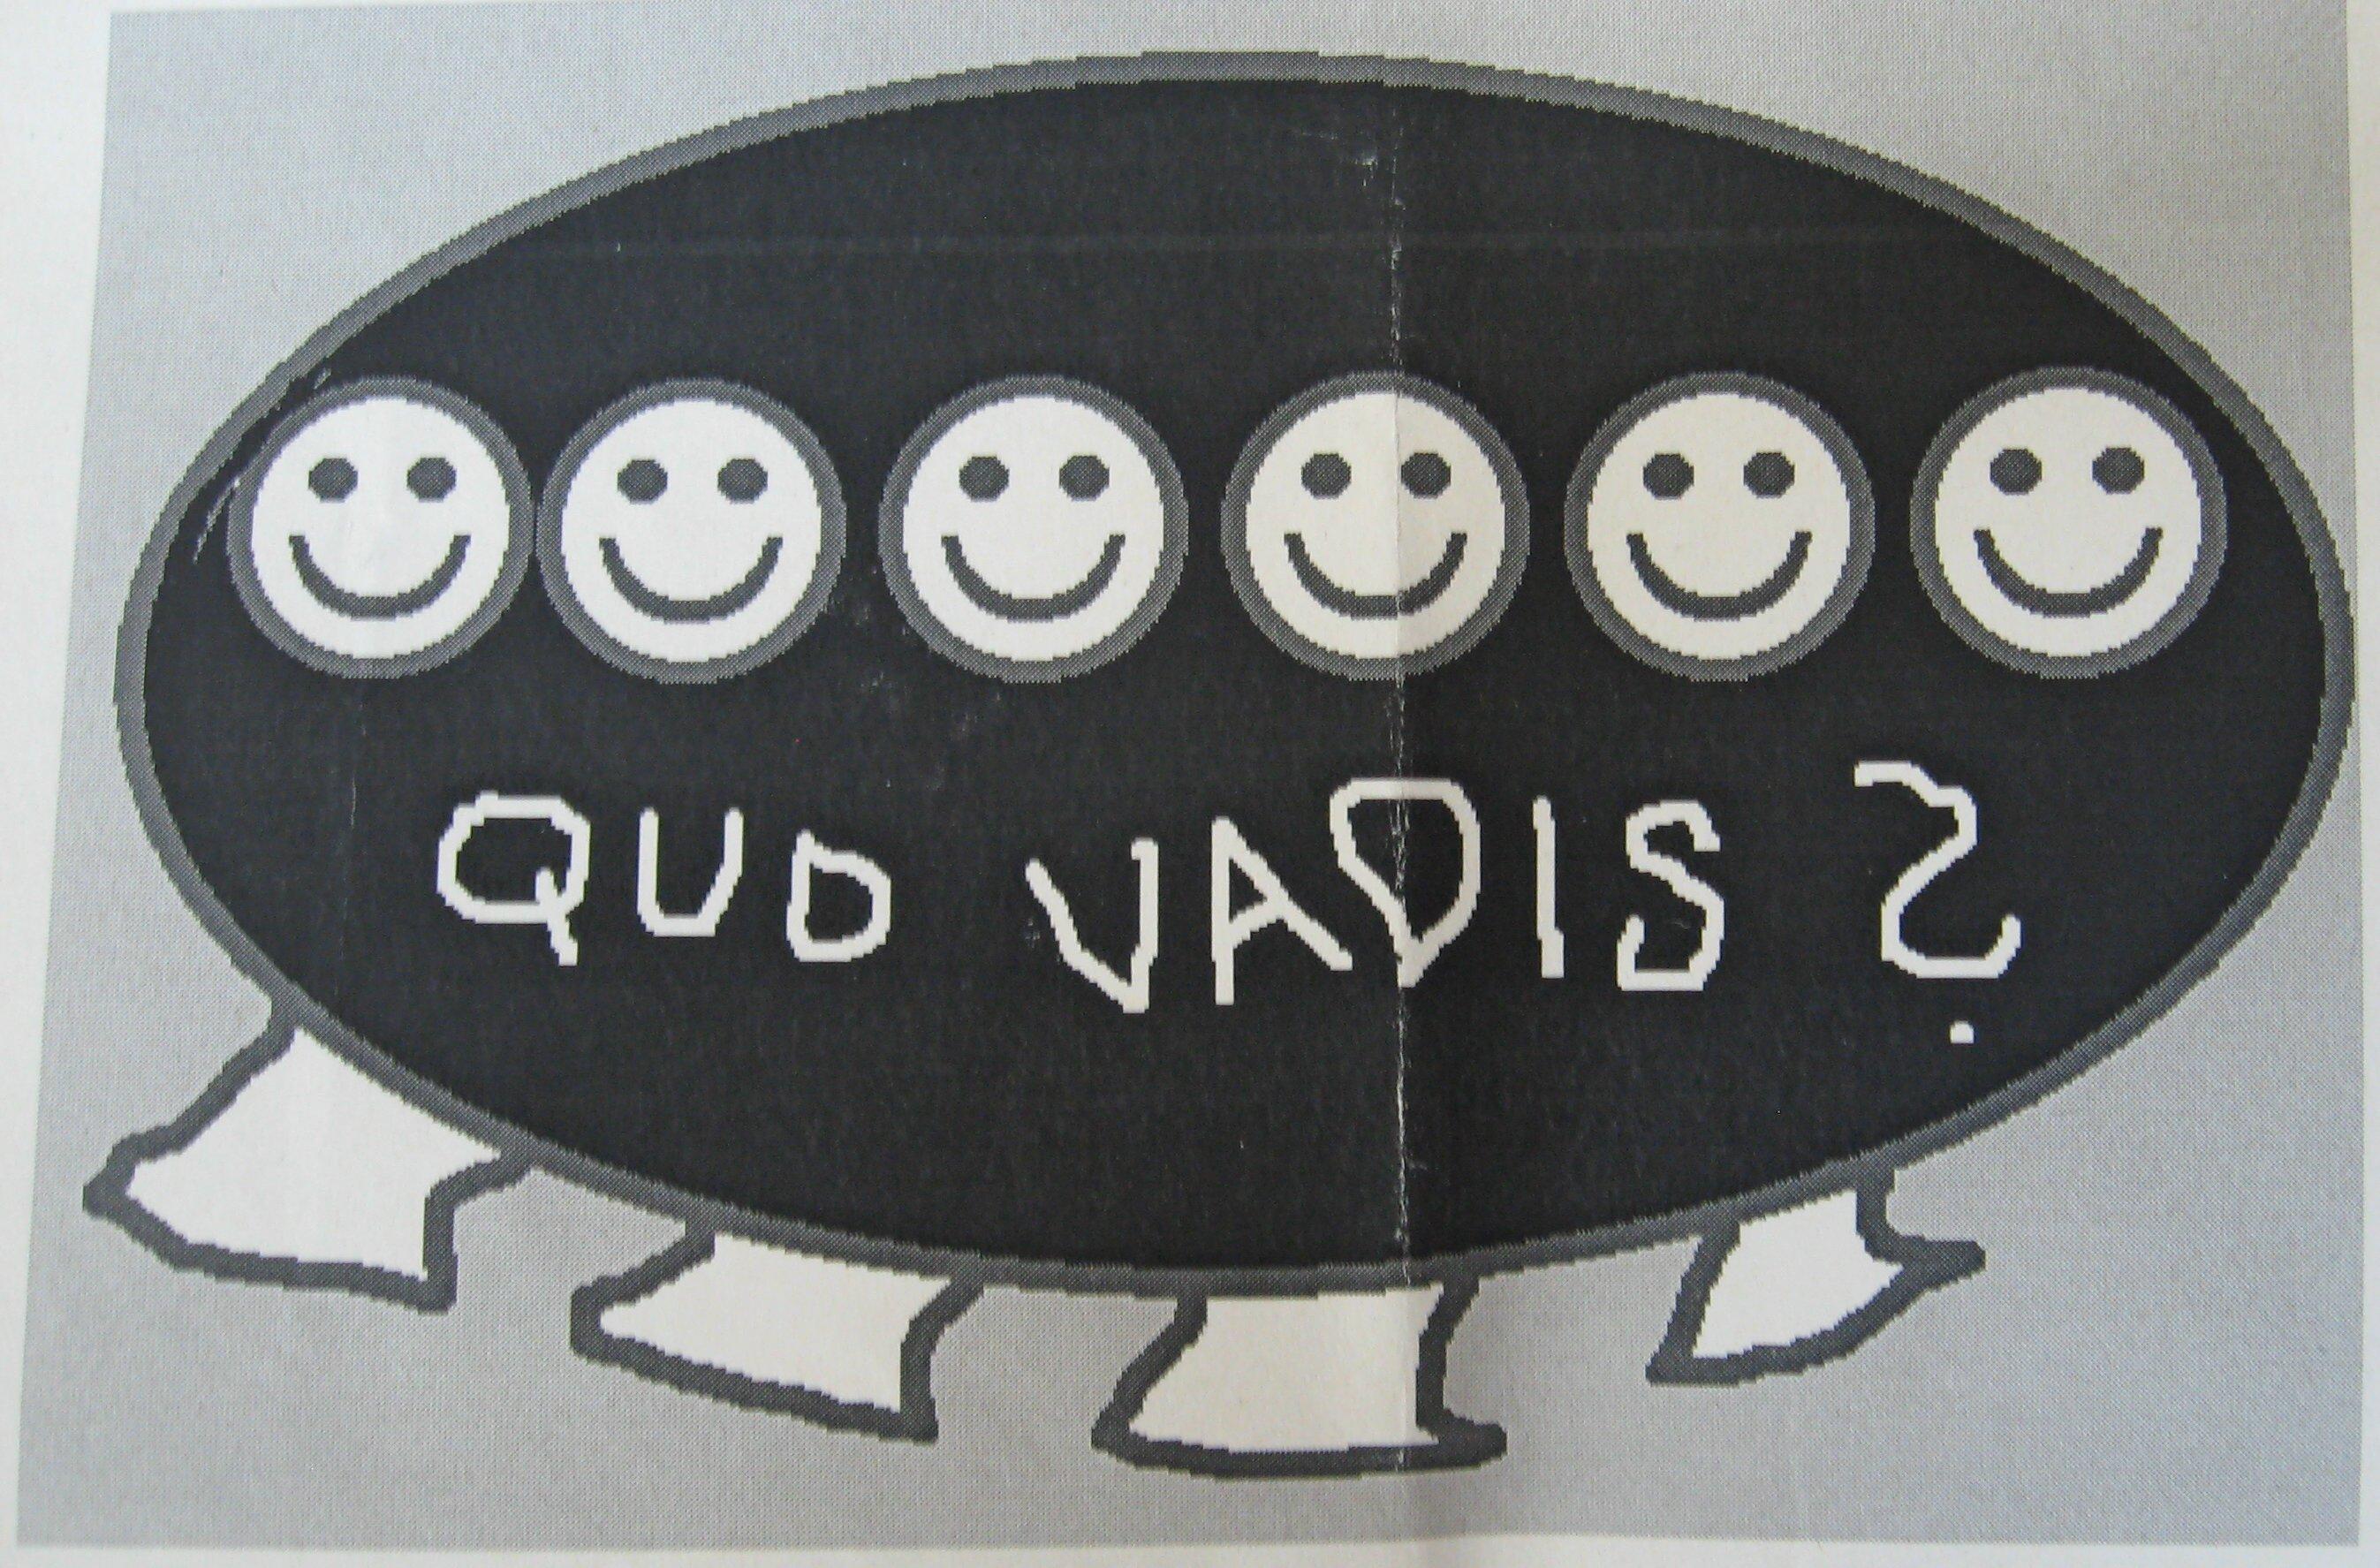 circa 1992 quo vadis erste versuch auf paint